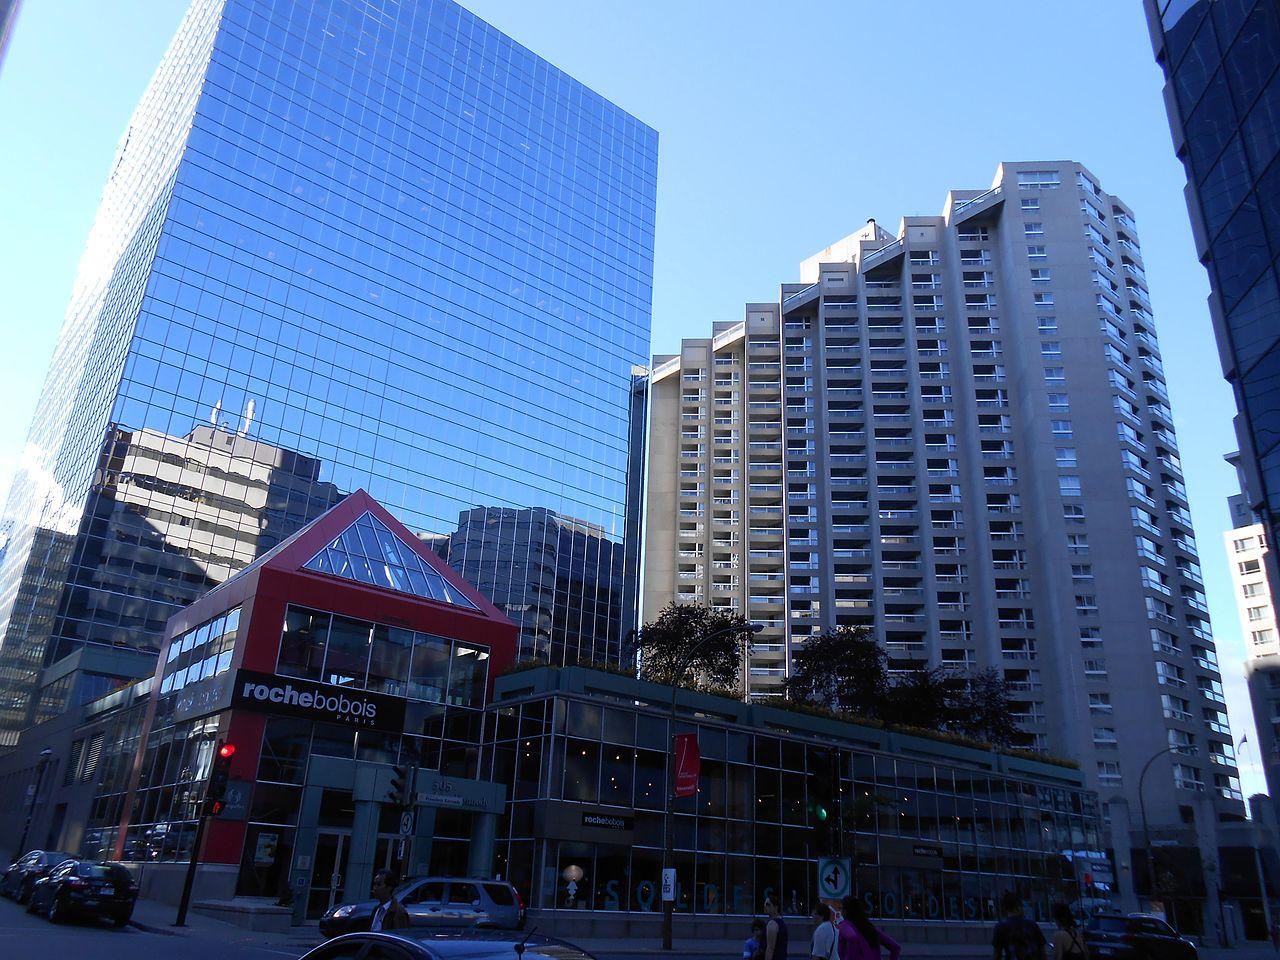 Club Casino Loto Quebec